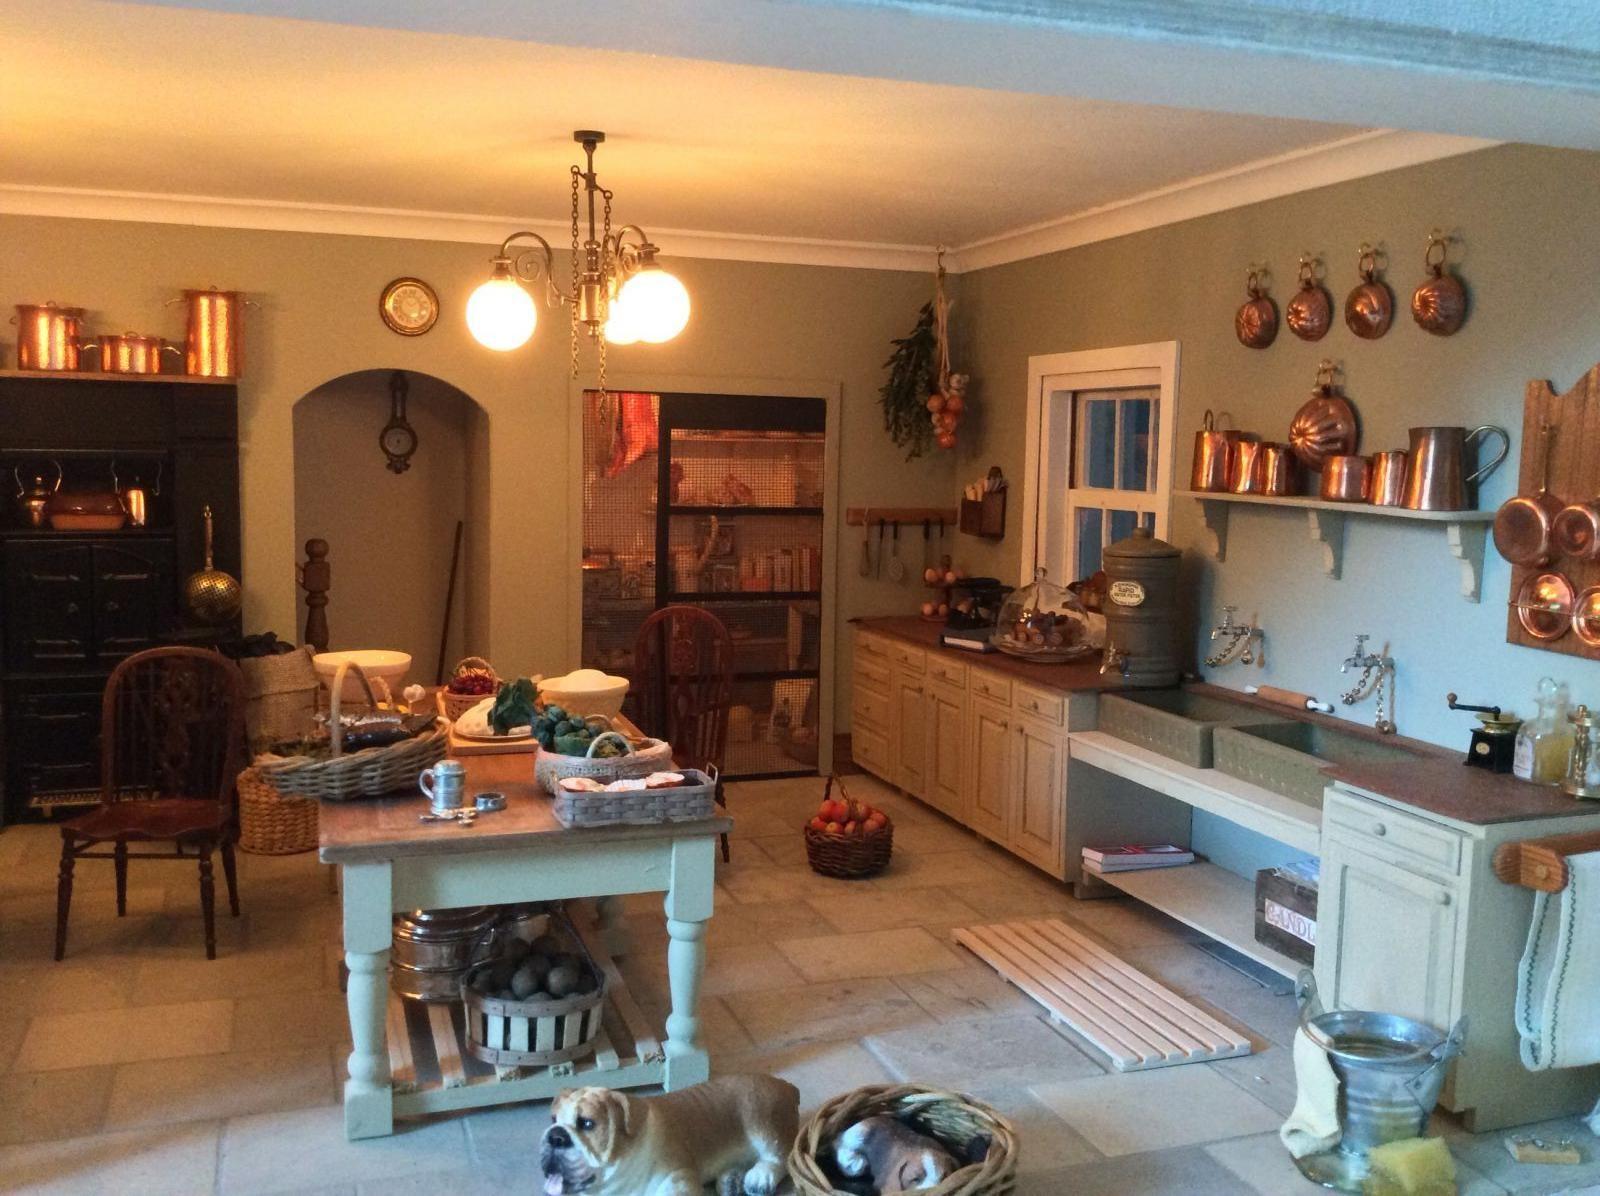 Downton Abbey Kitchen Design  Google Search  Downton Abbey Extraordinary Downton Abbey Kitchen Design 2018